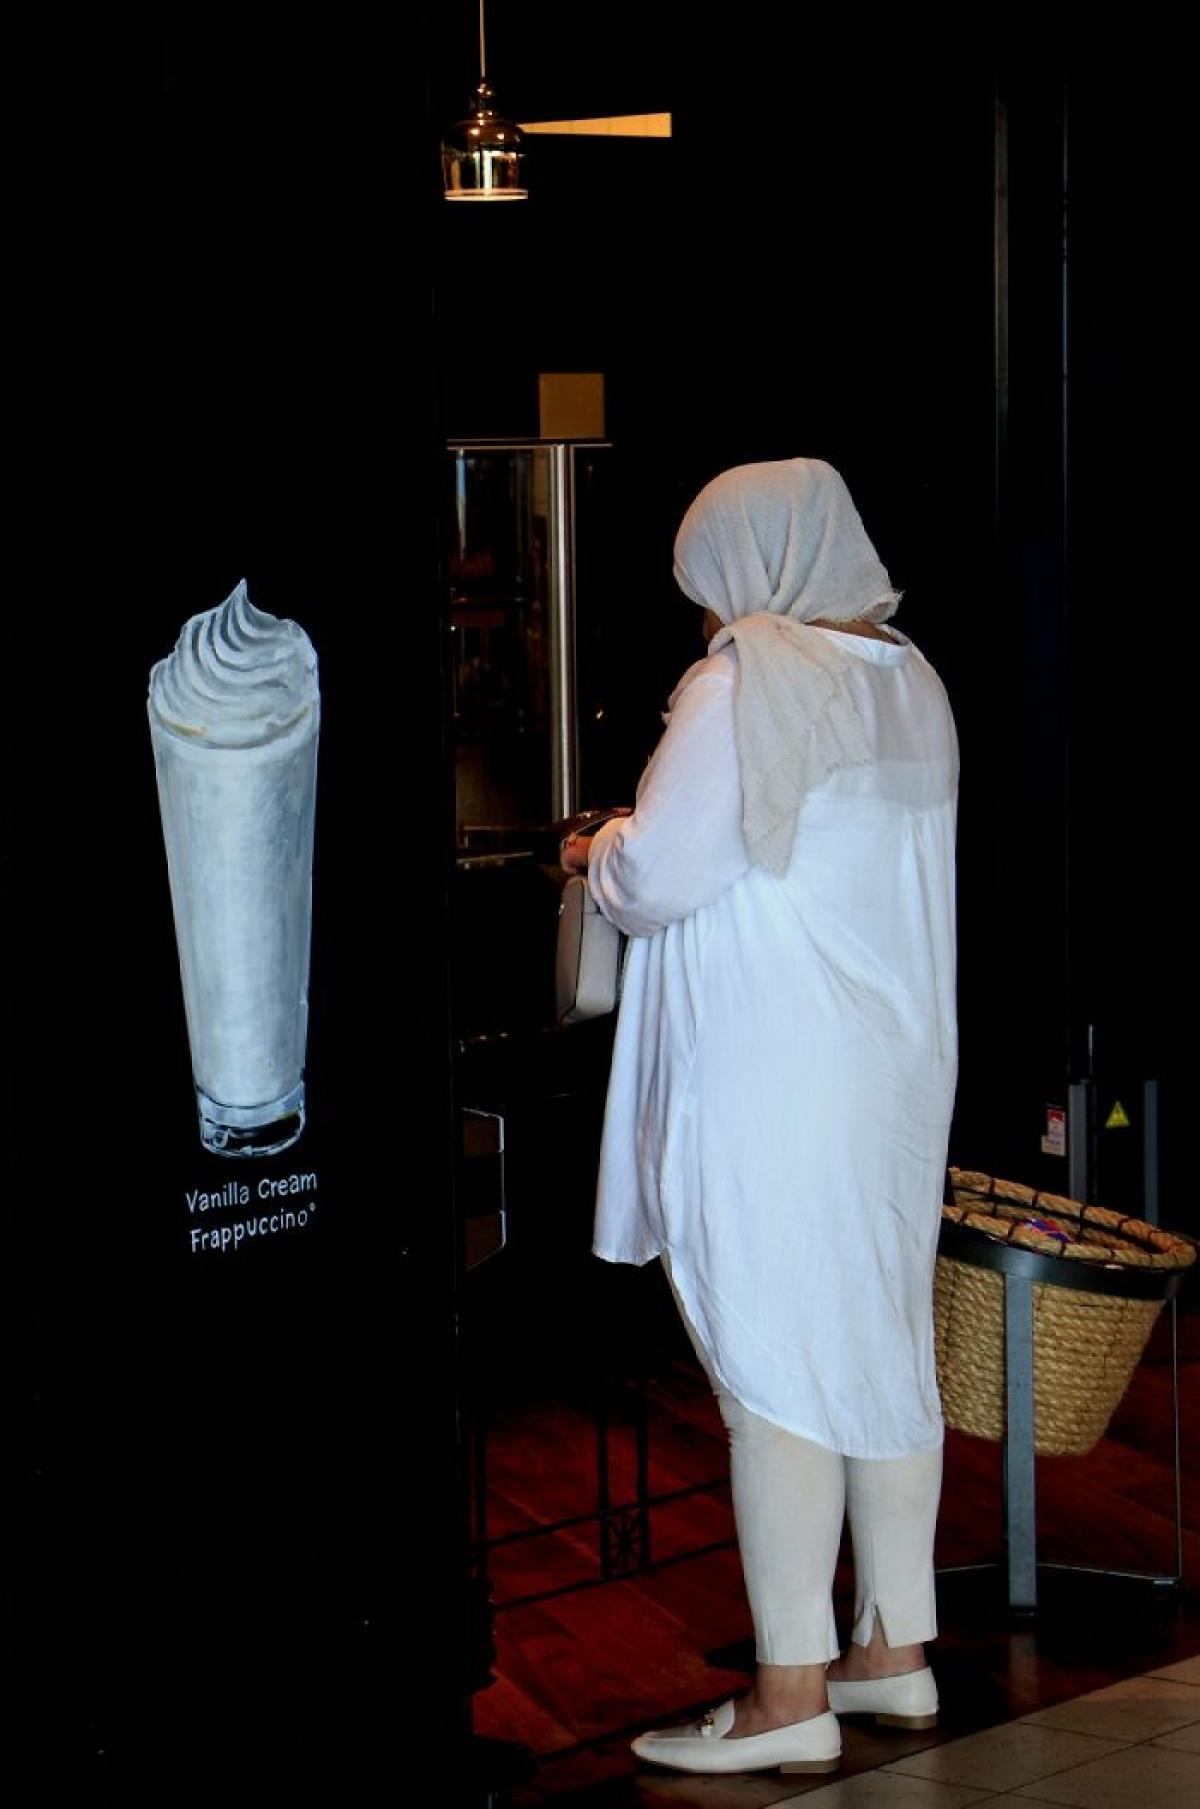 Bộ trang phục lấy cảm hứng từ ly Vanilla Cream Frappuccino chăng?